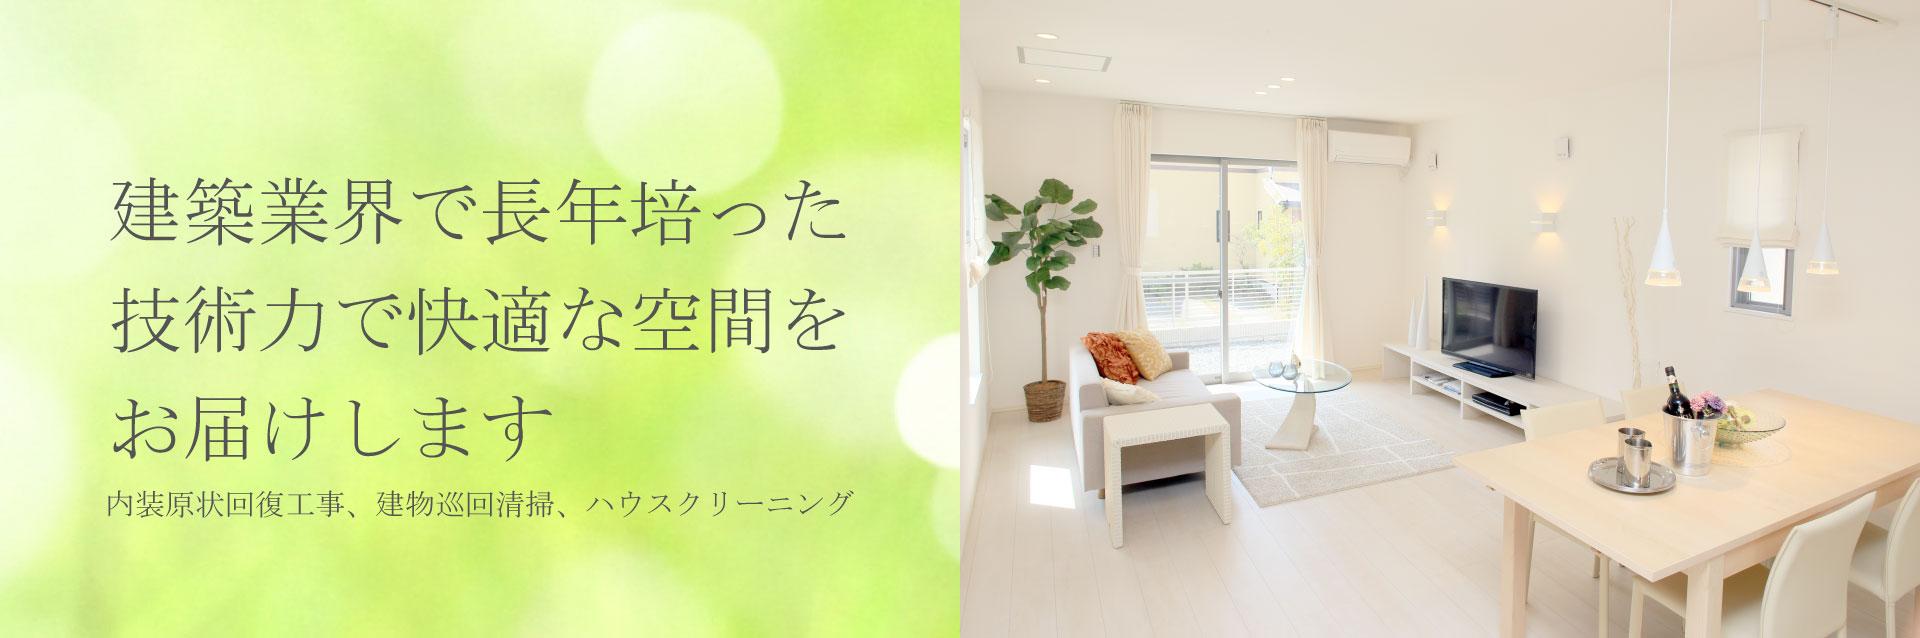 株式会社SCS福岡が建築業界で長年培った技術力で快適な空間をお届けします